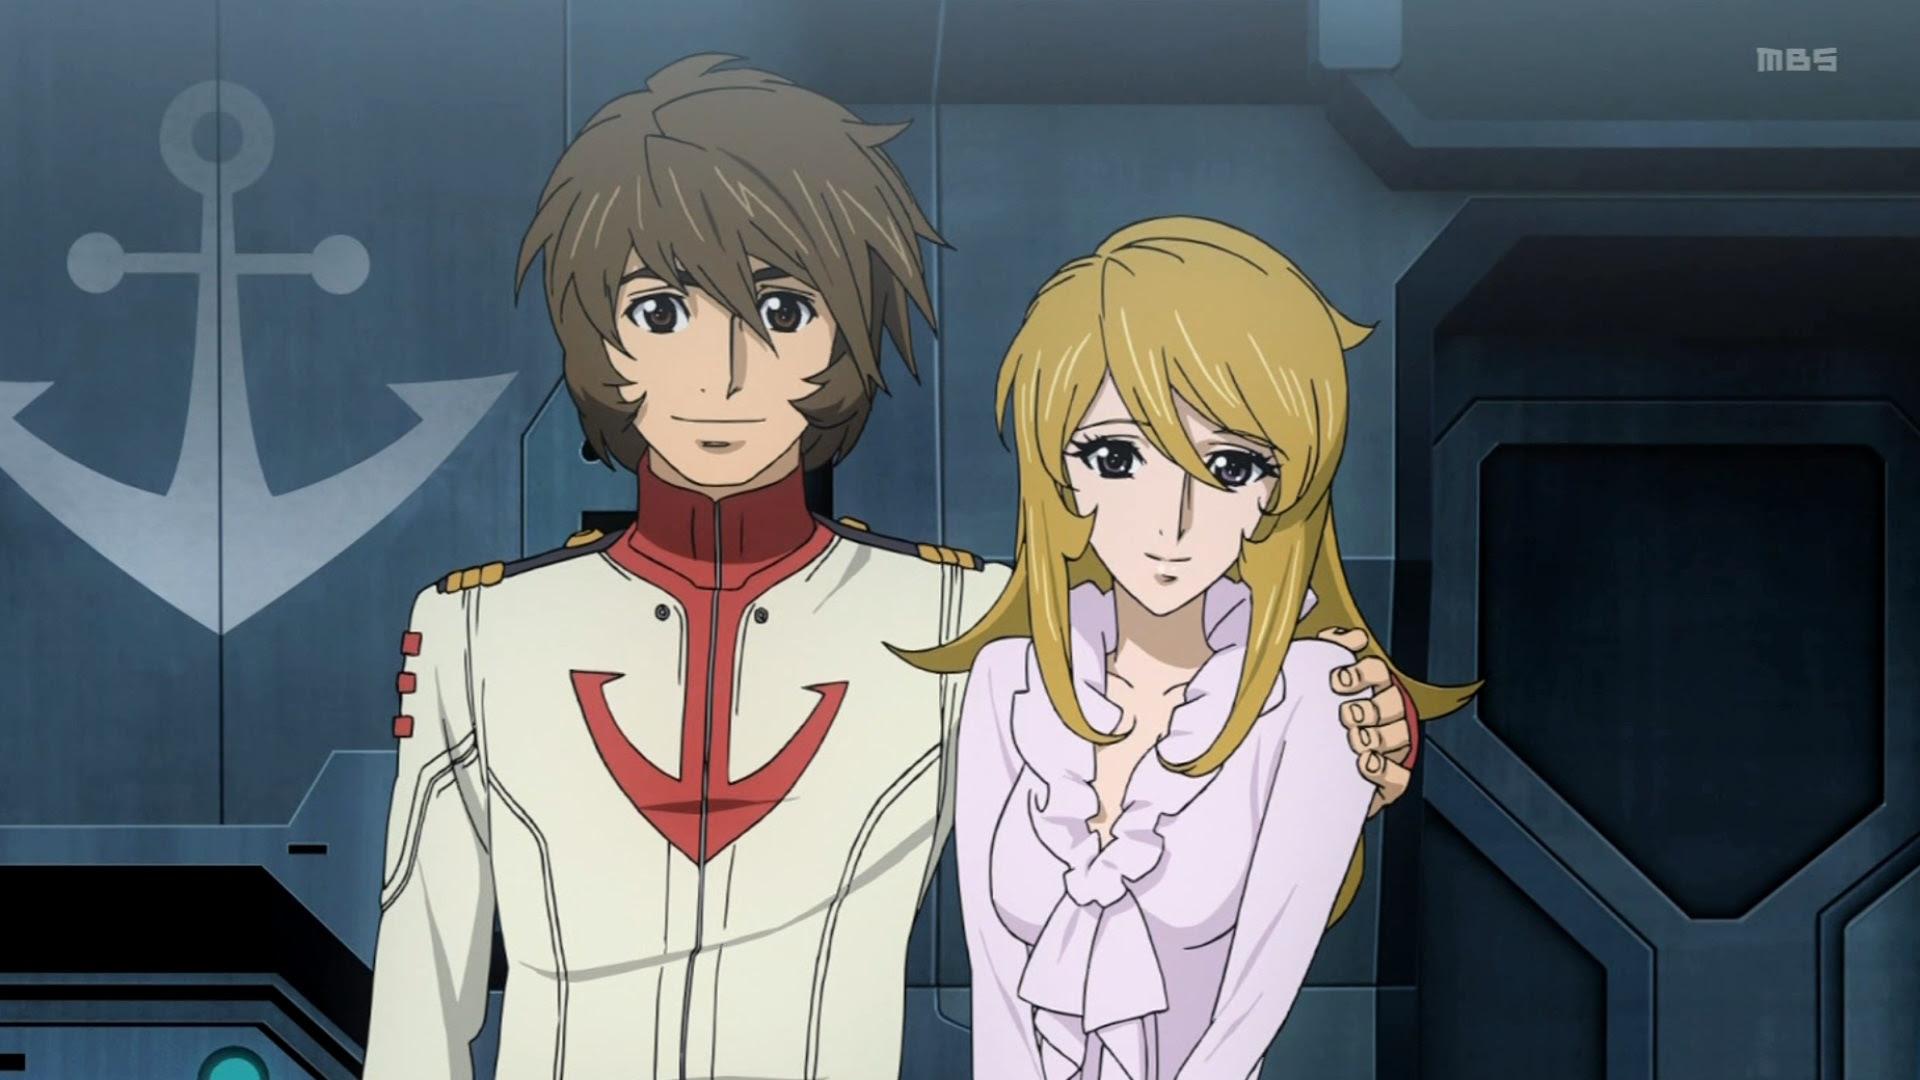 宇宙戦艦ヤマト2199 最終話 コスモリバースすげええええ